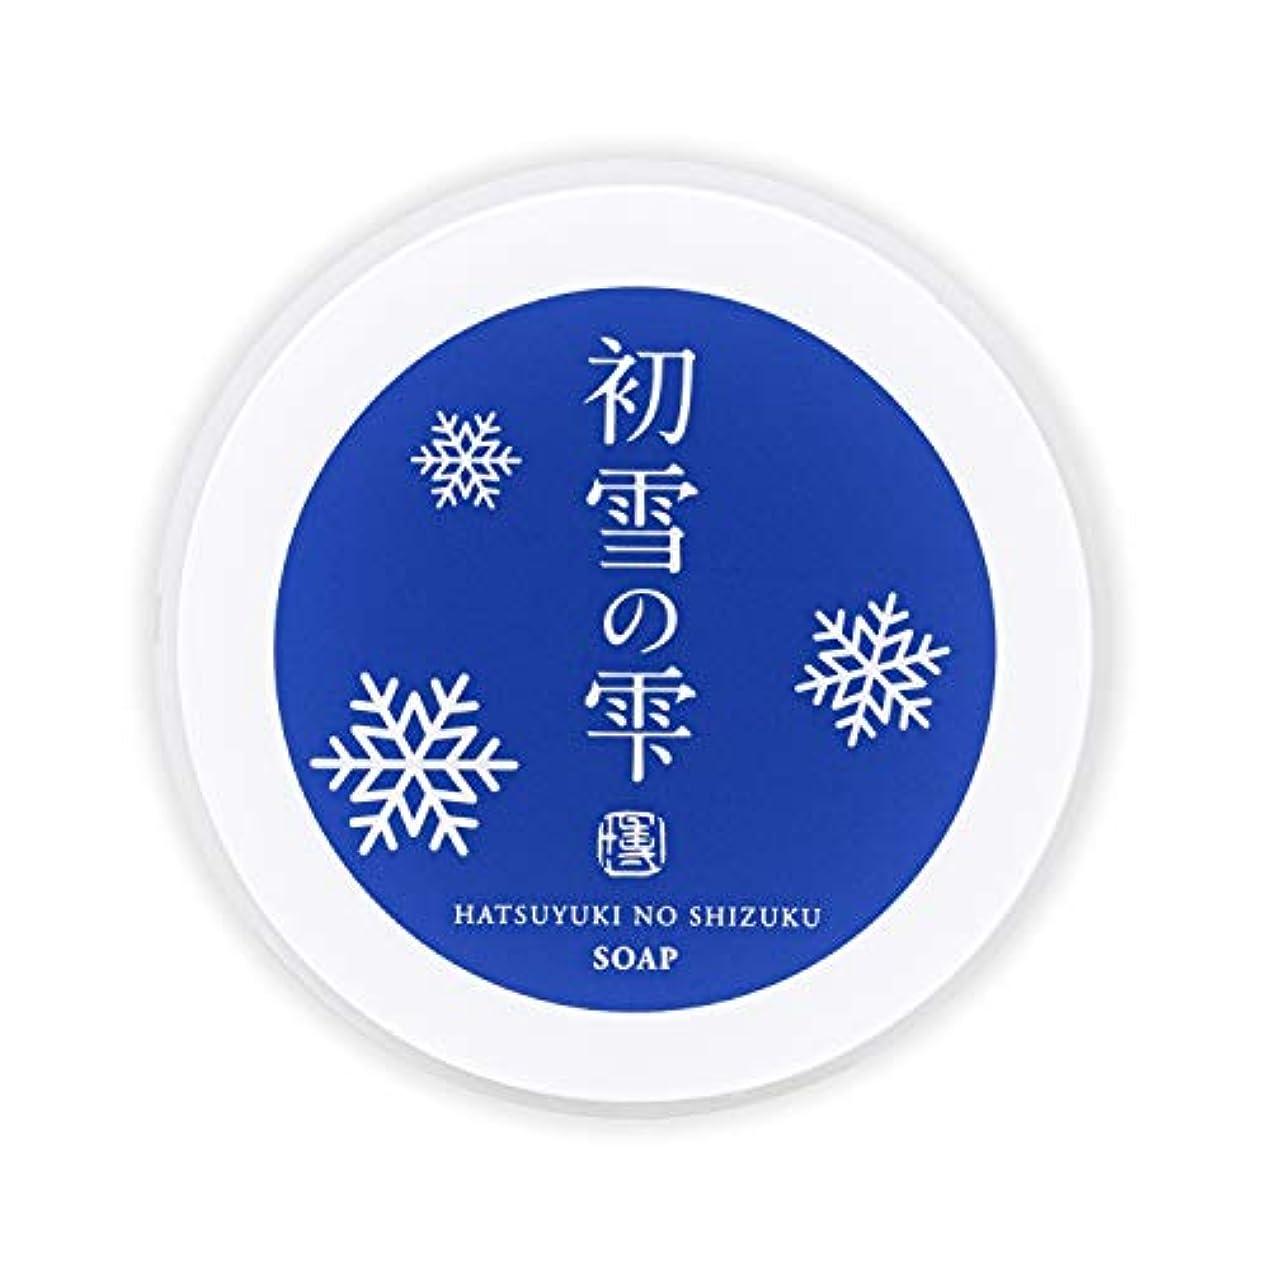 チャンバー受け取るモンク初雪の雫 泡 洗顔 練り せっけん ジャータイプ 34g 約2週間分 [プラセンタ ヒアルロン酸 セラミド ビタミンC ]